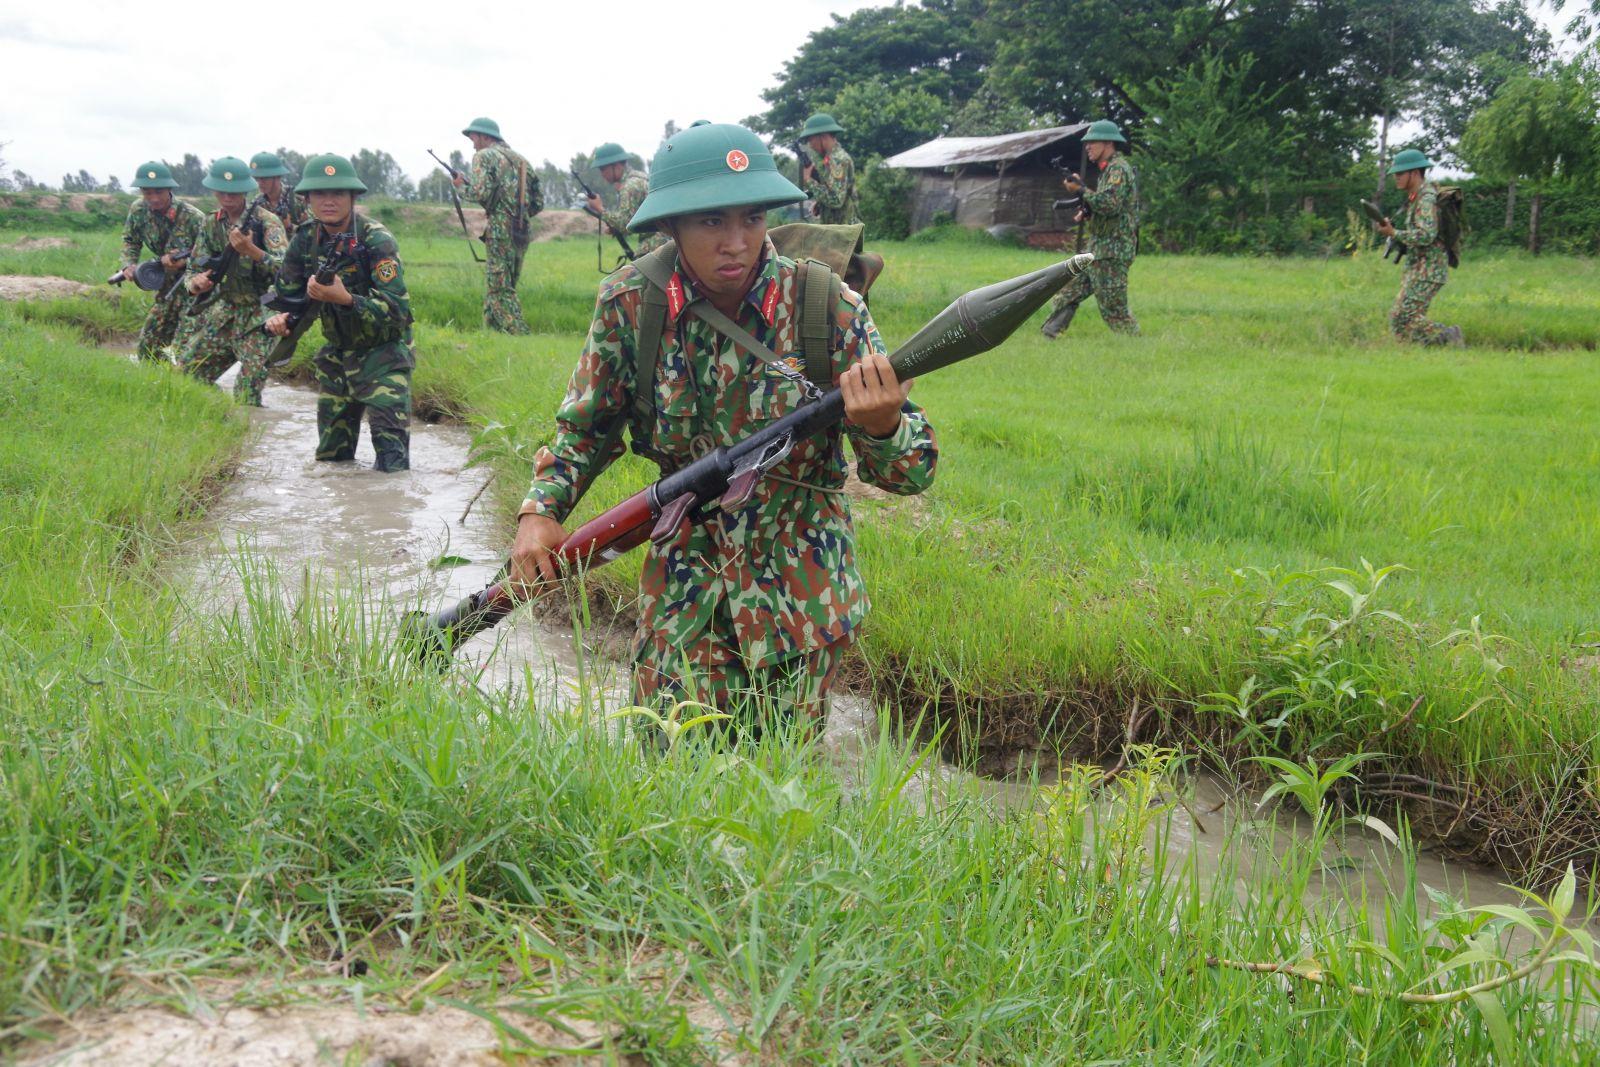 Cán bộ, chiến sĩ Đại đội Bộ binh huyện Tân Hưng trên thao trường huấn luyện